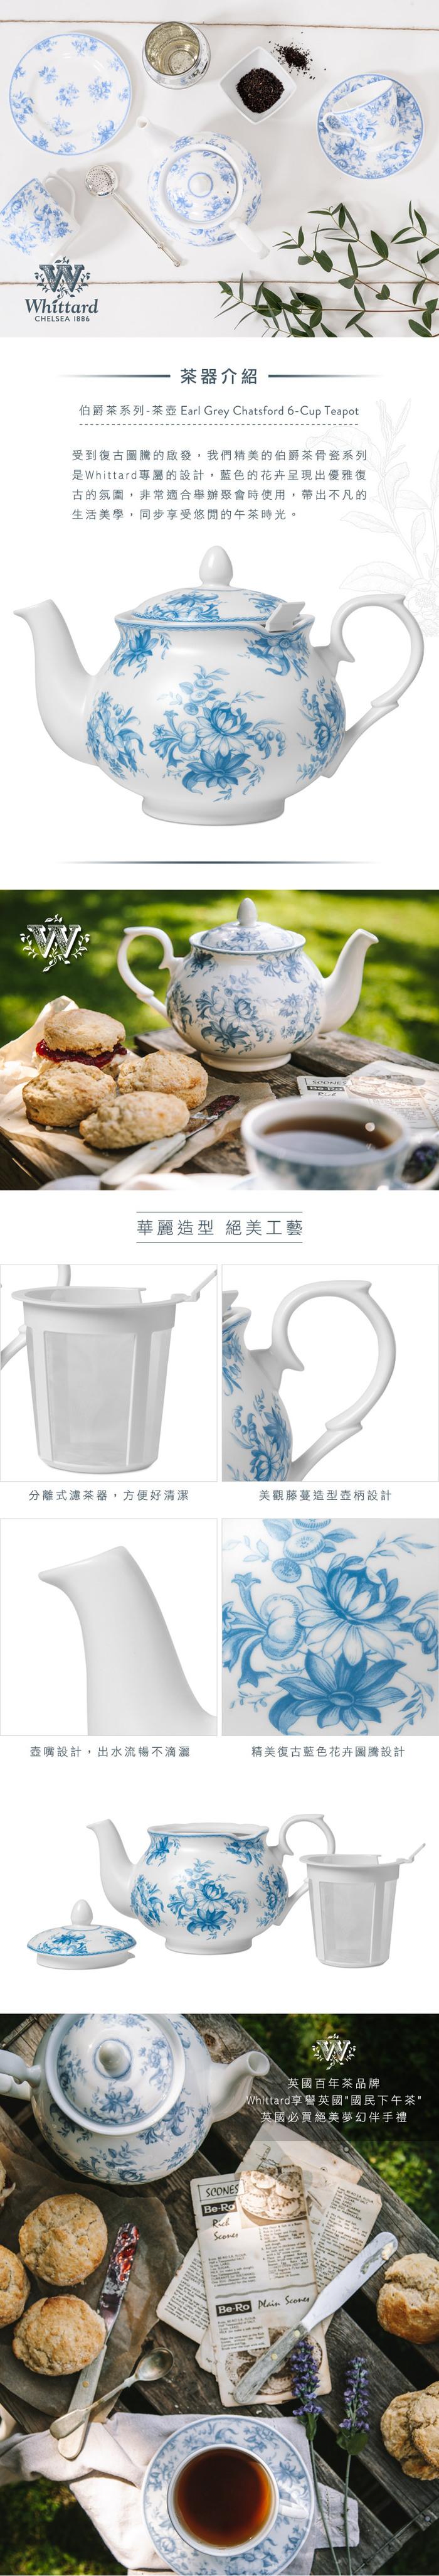 (複製)Whittard 伯爵茶系列-茶杯組